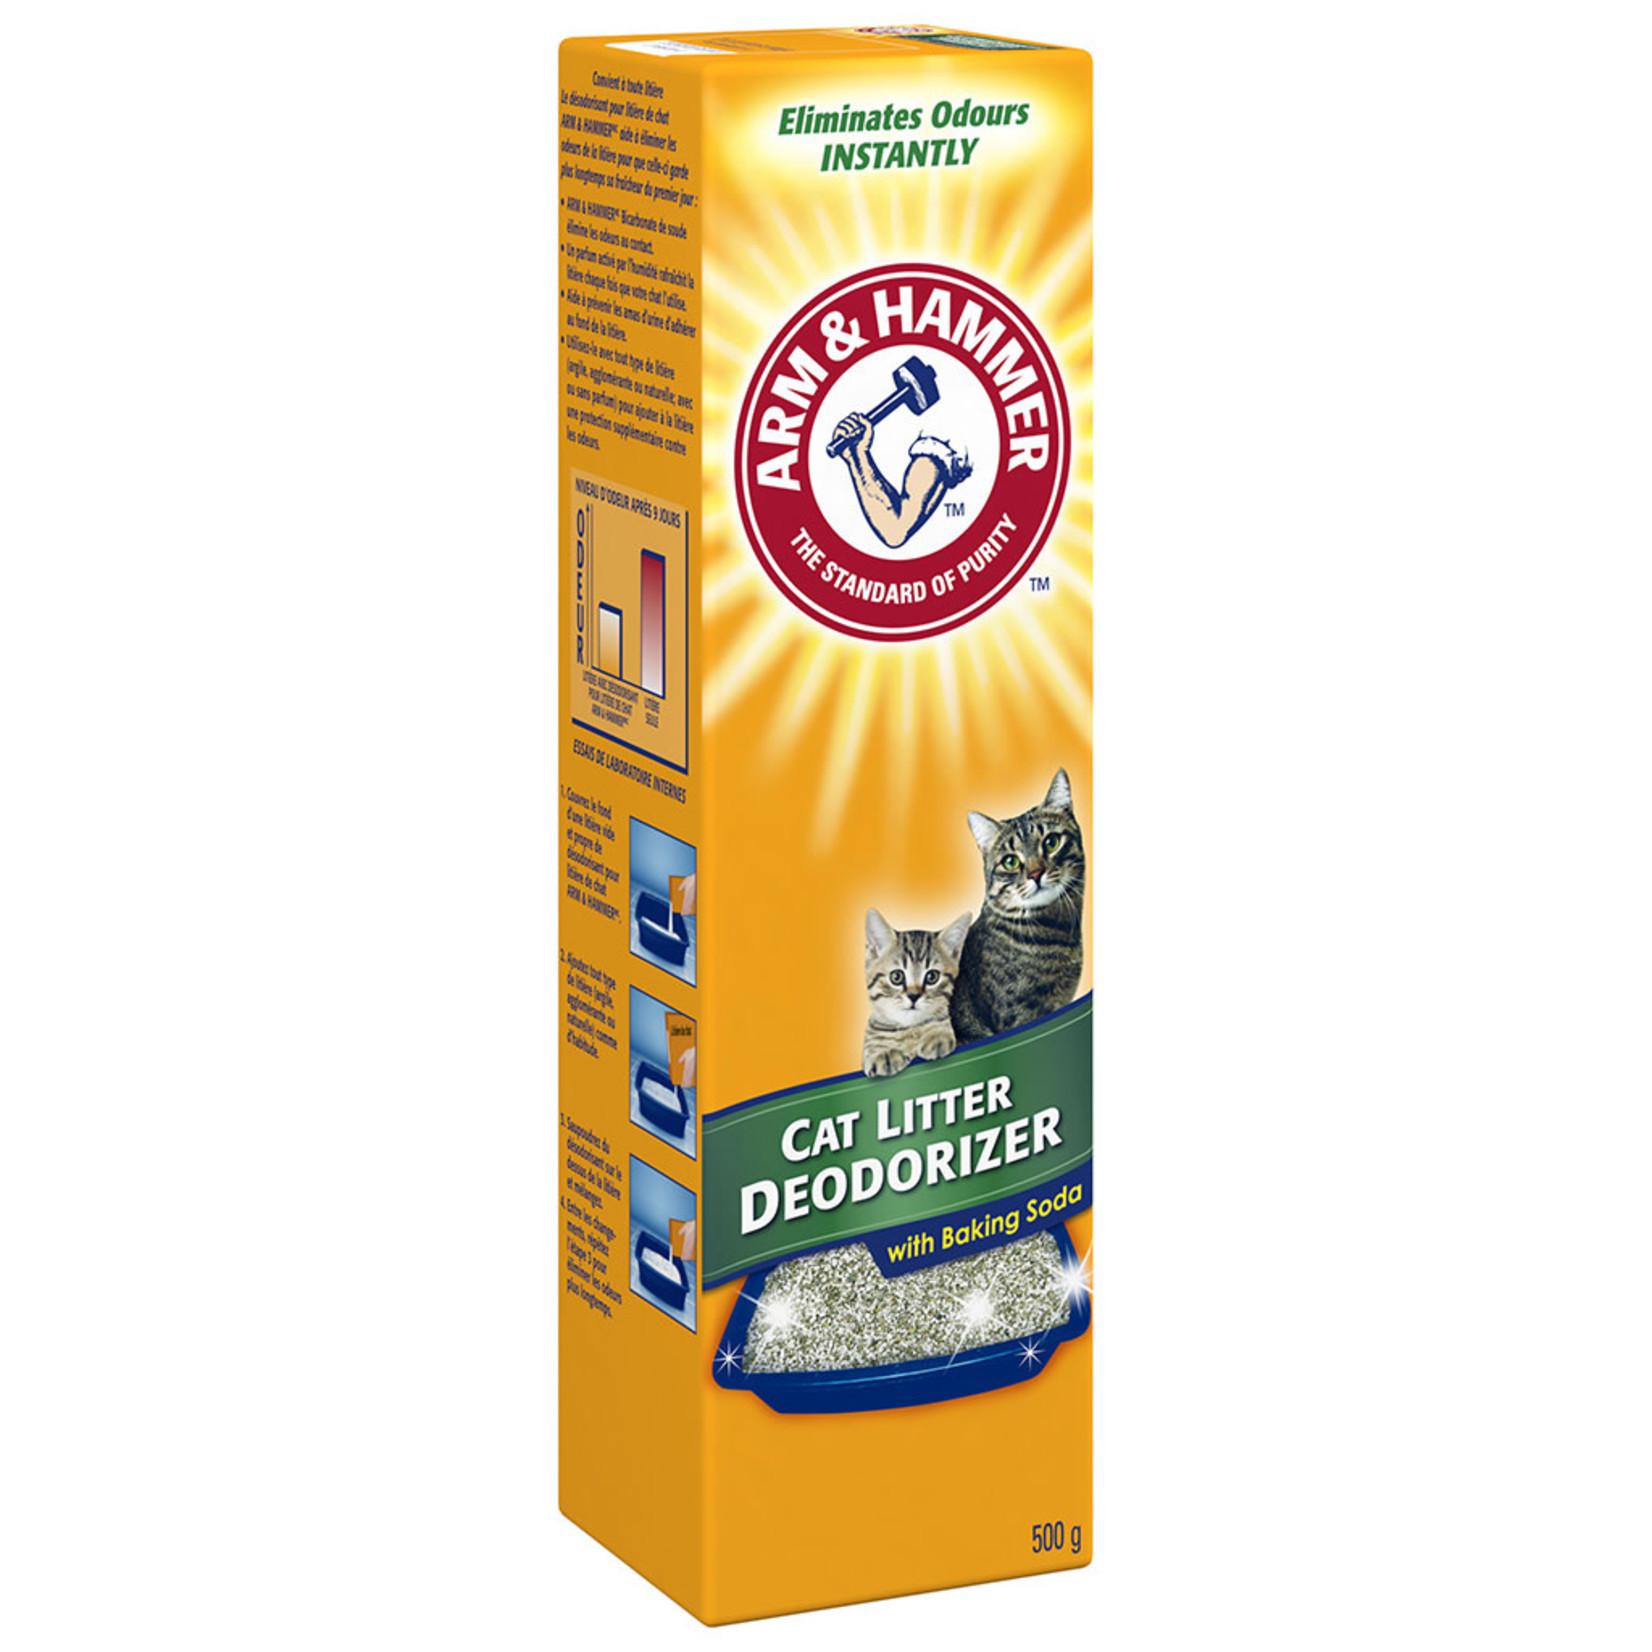 Arm & Hammer A&H Cat Litter Deodorizer 500GM single